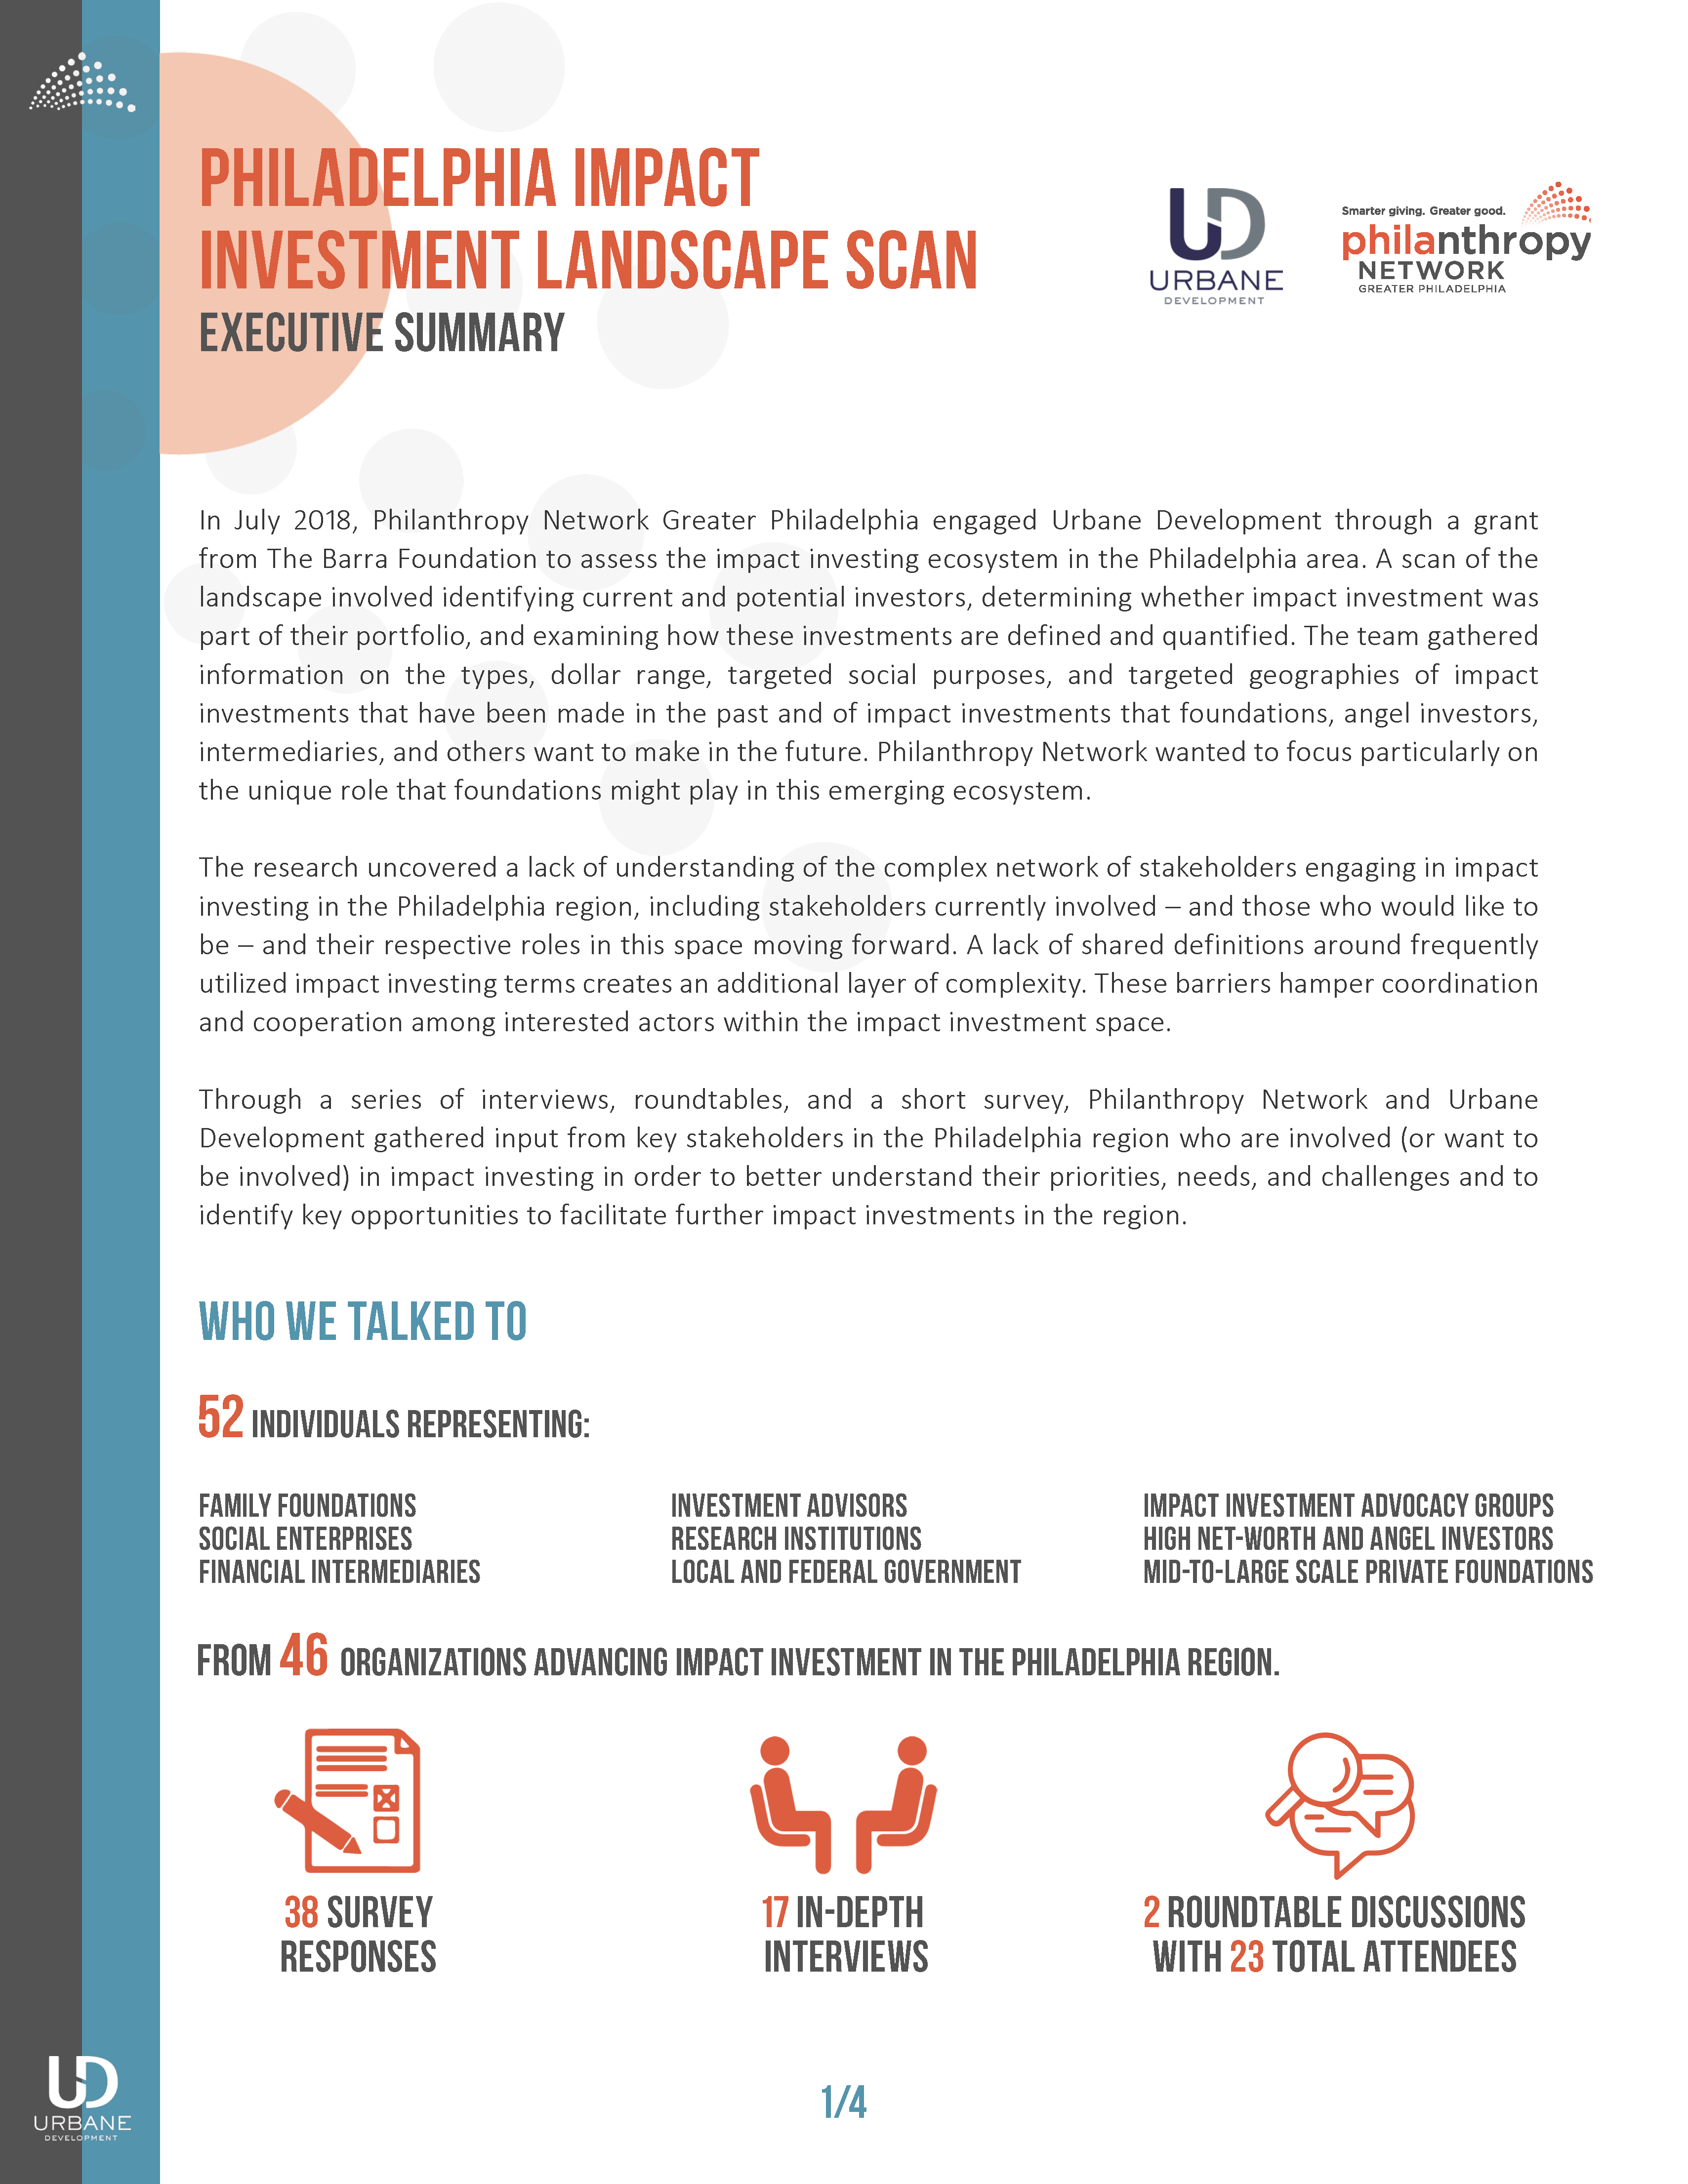 Philadelphia Impact Investment Scan Exec Summary